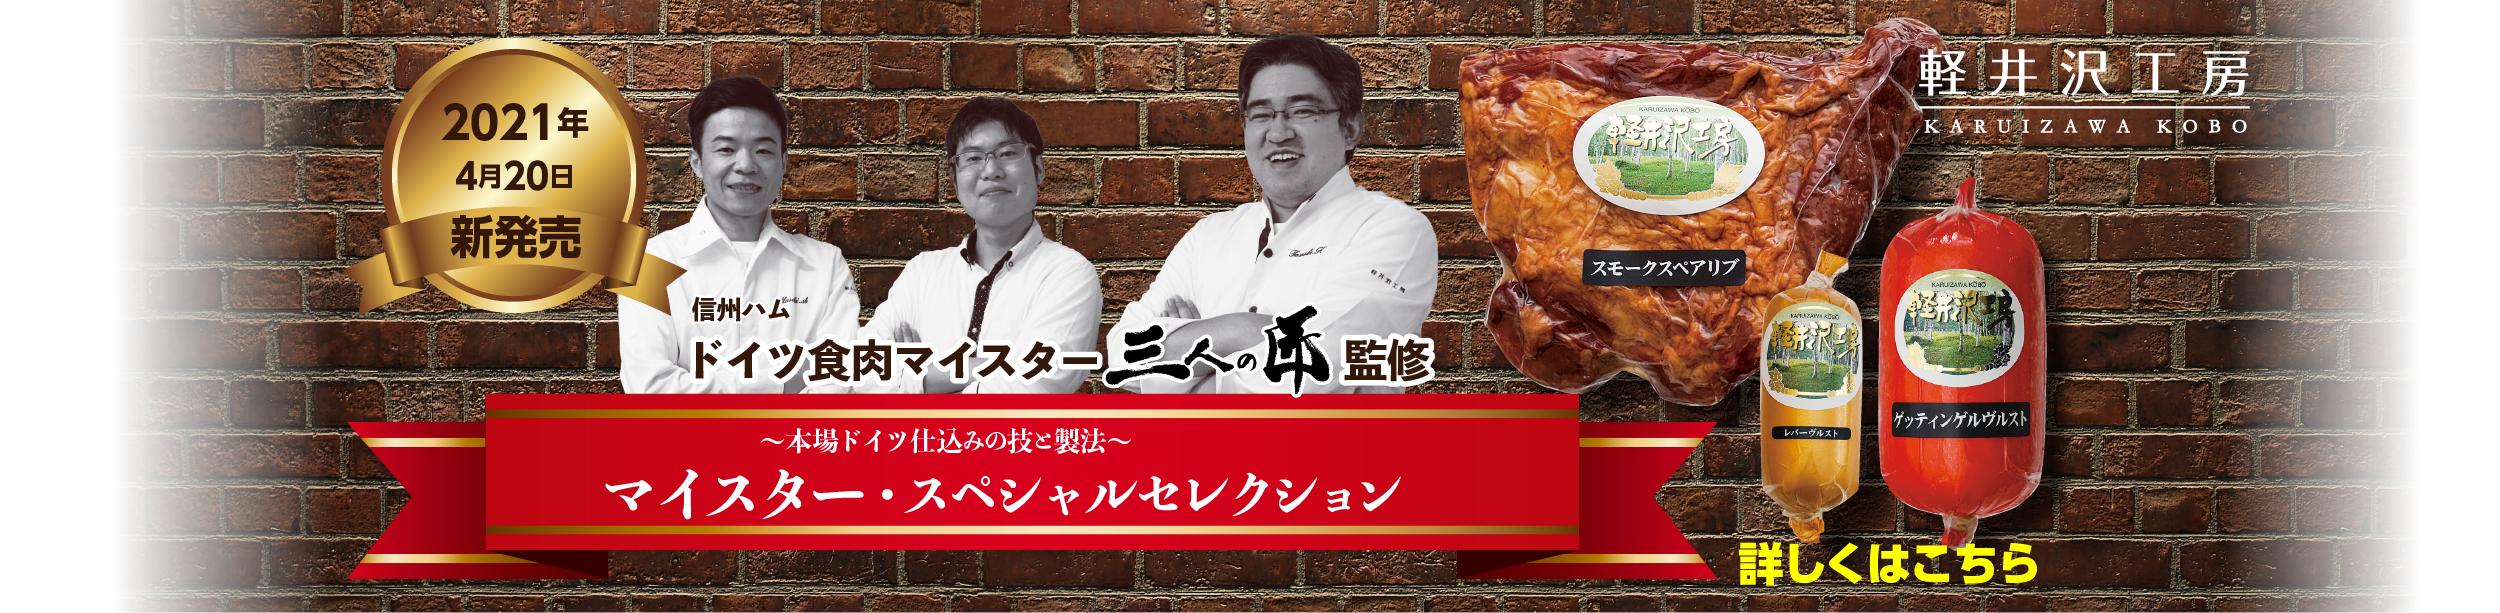 軽井沢工房オンラインショップ